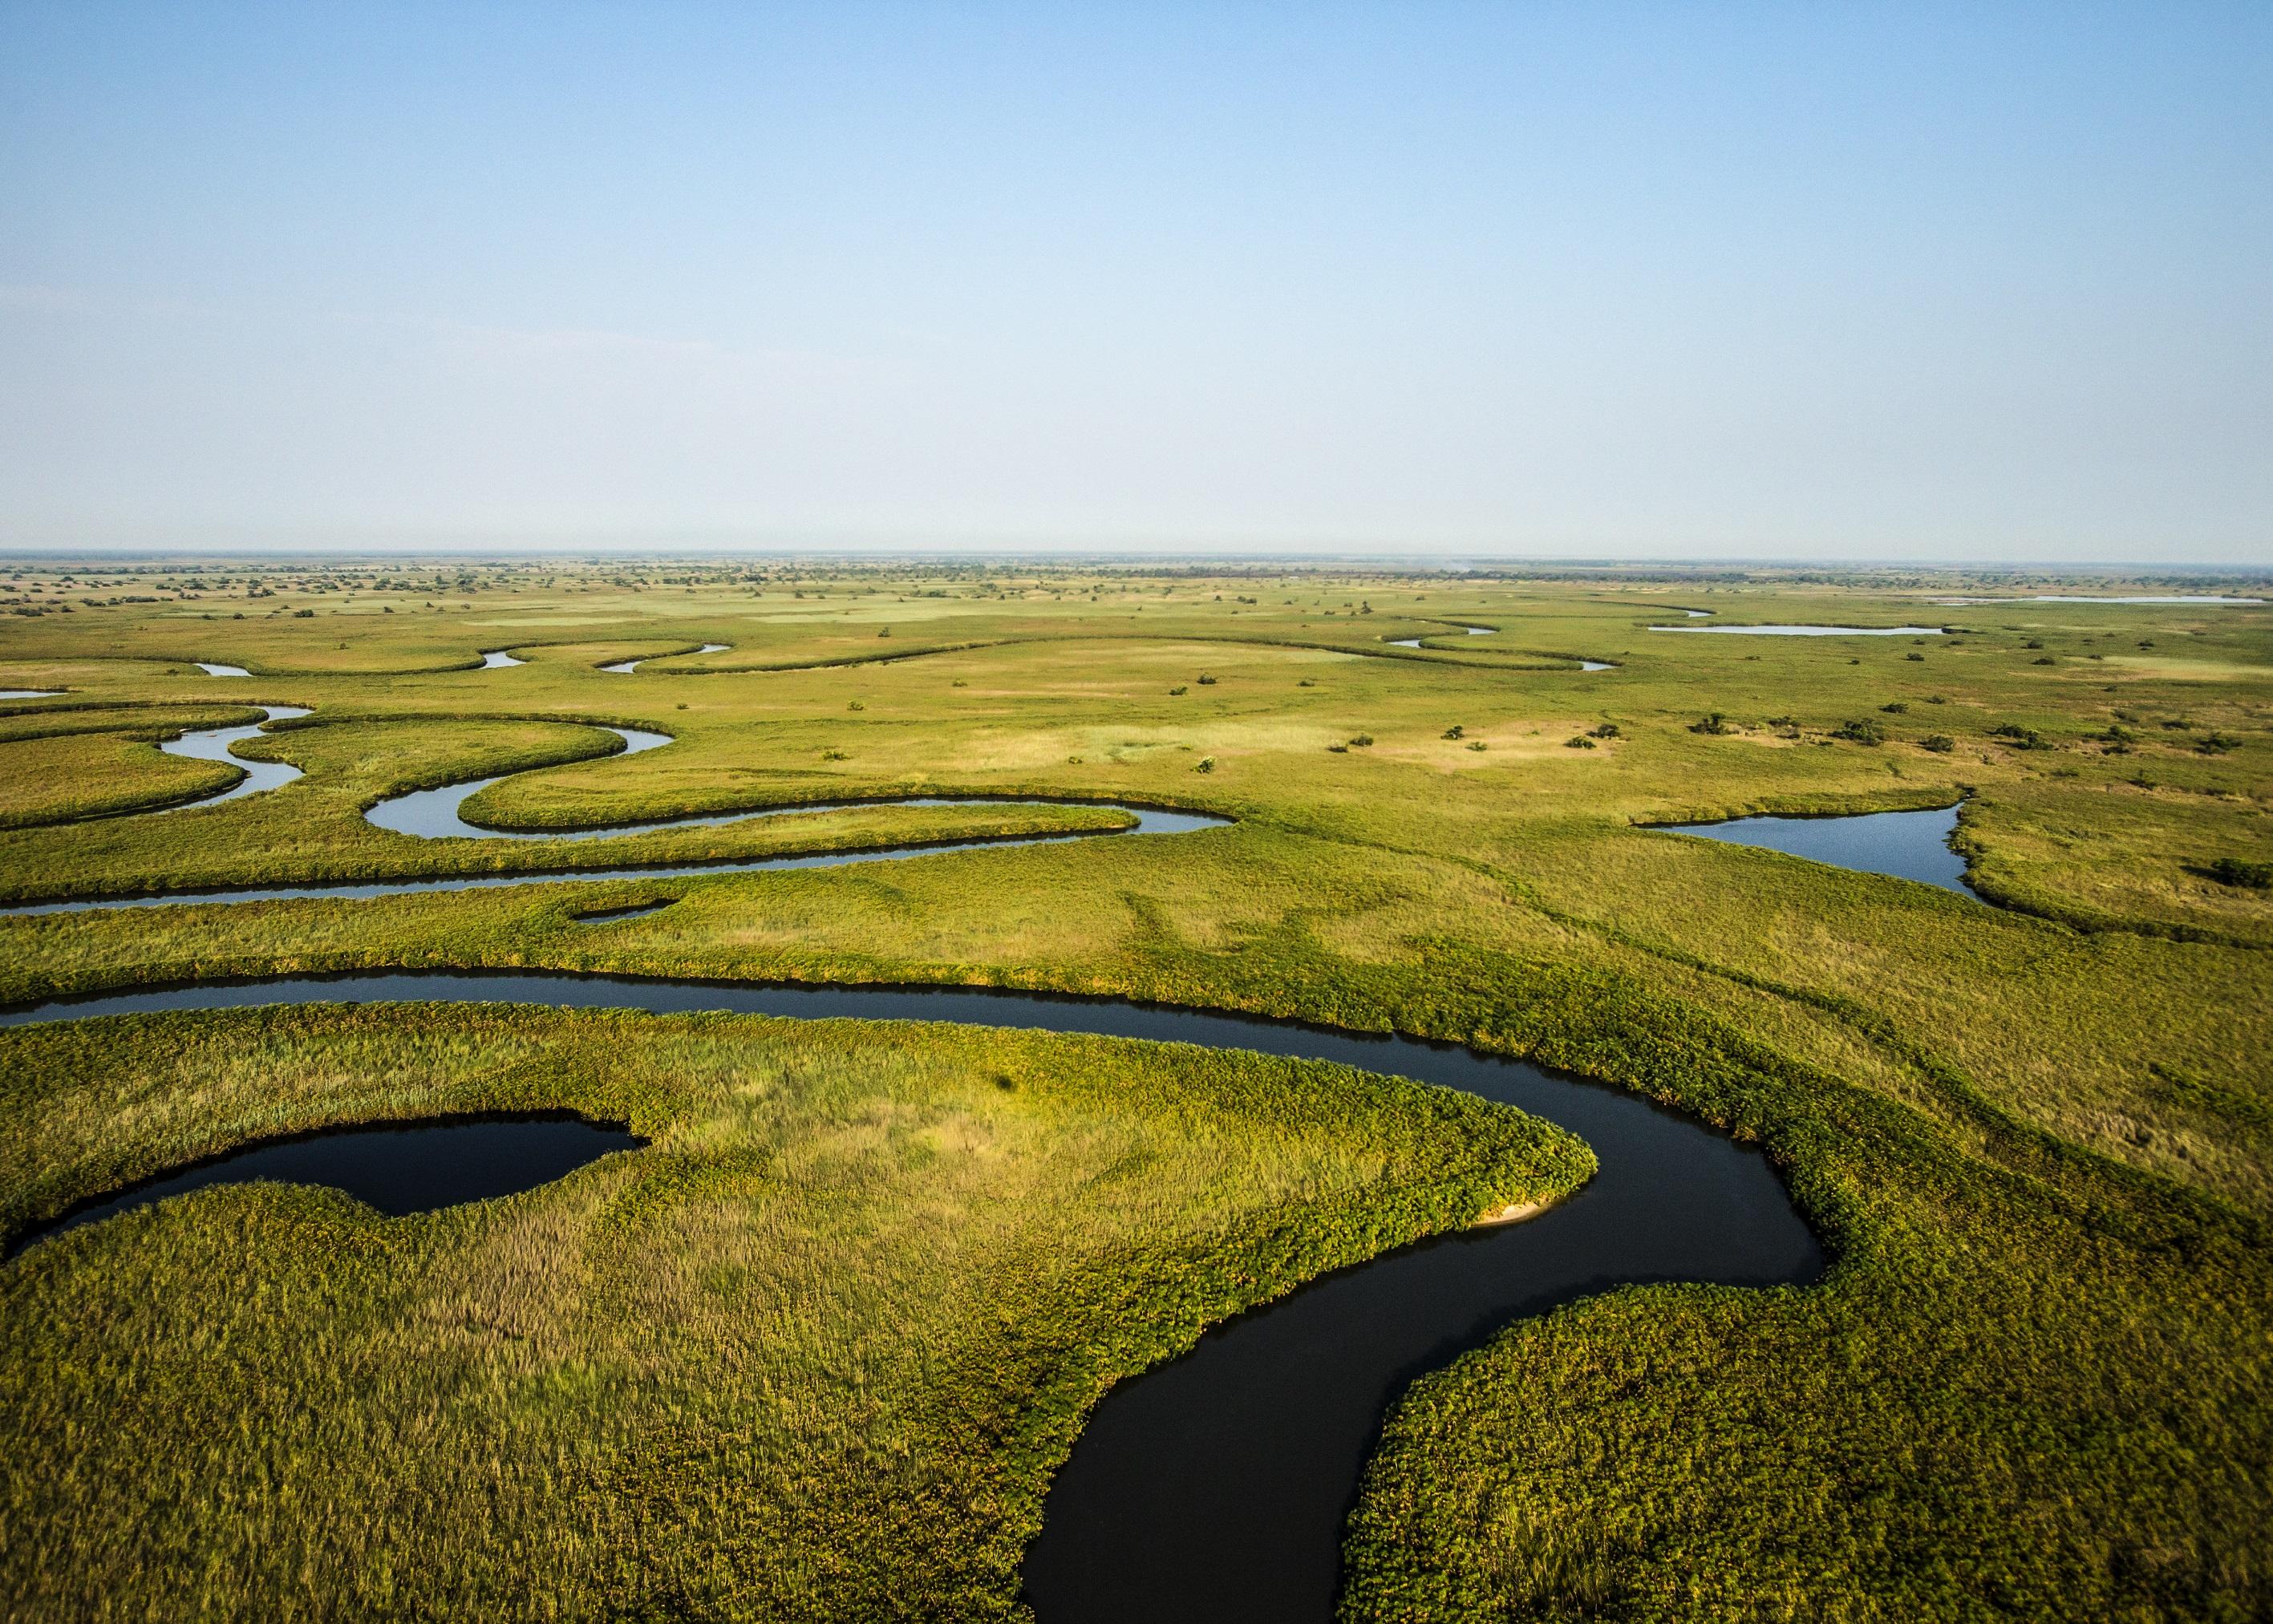 Le plus grand fleuve du monde, l'Okavango, à l'honneur le 15 avril sur National Geographic Wild